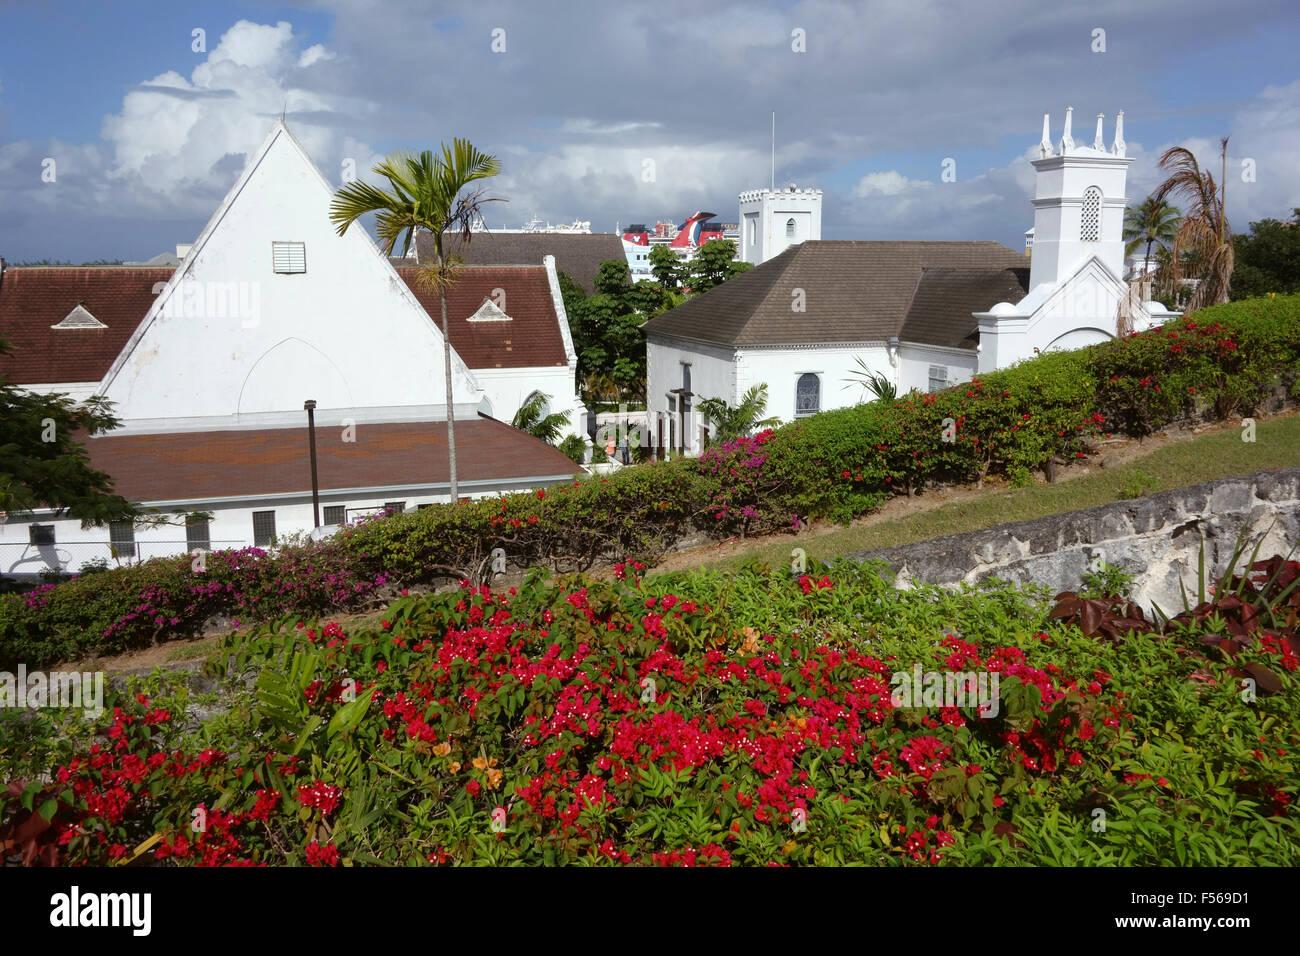 St. Andrew's Presbyterian Church, Nassau, Bahamas, Caribbean - Stock Image